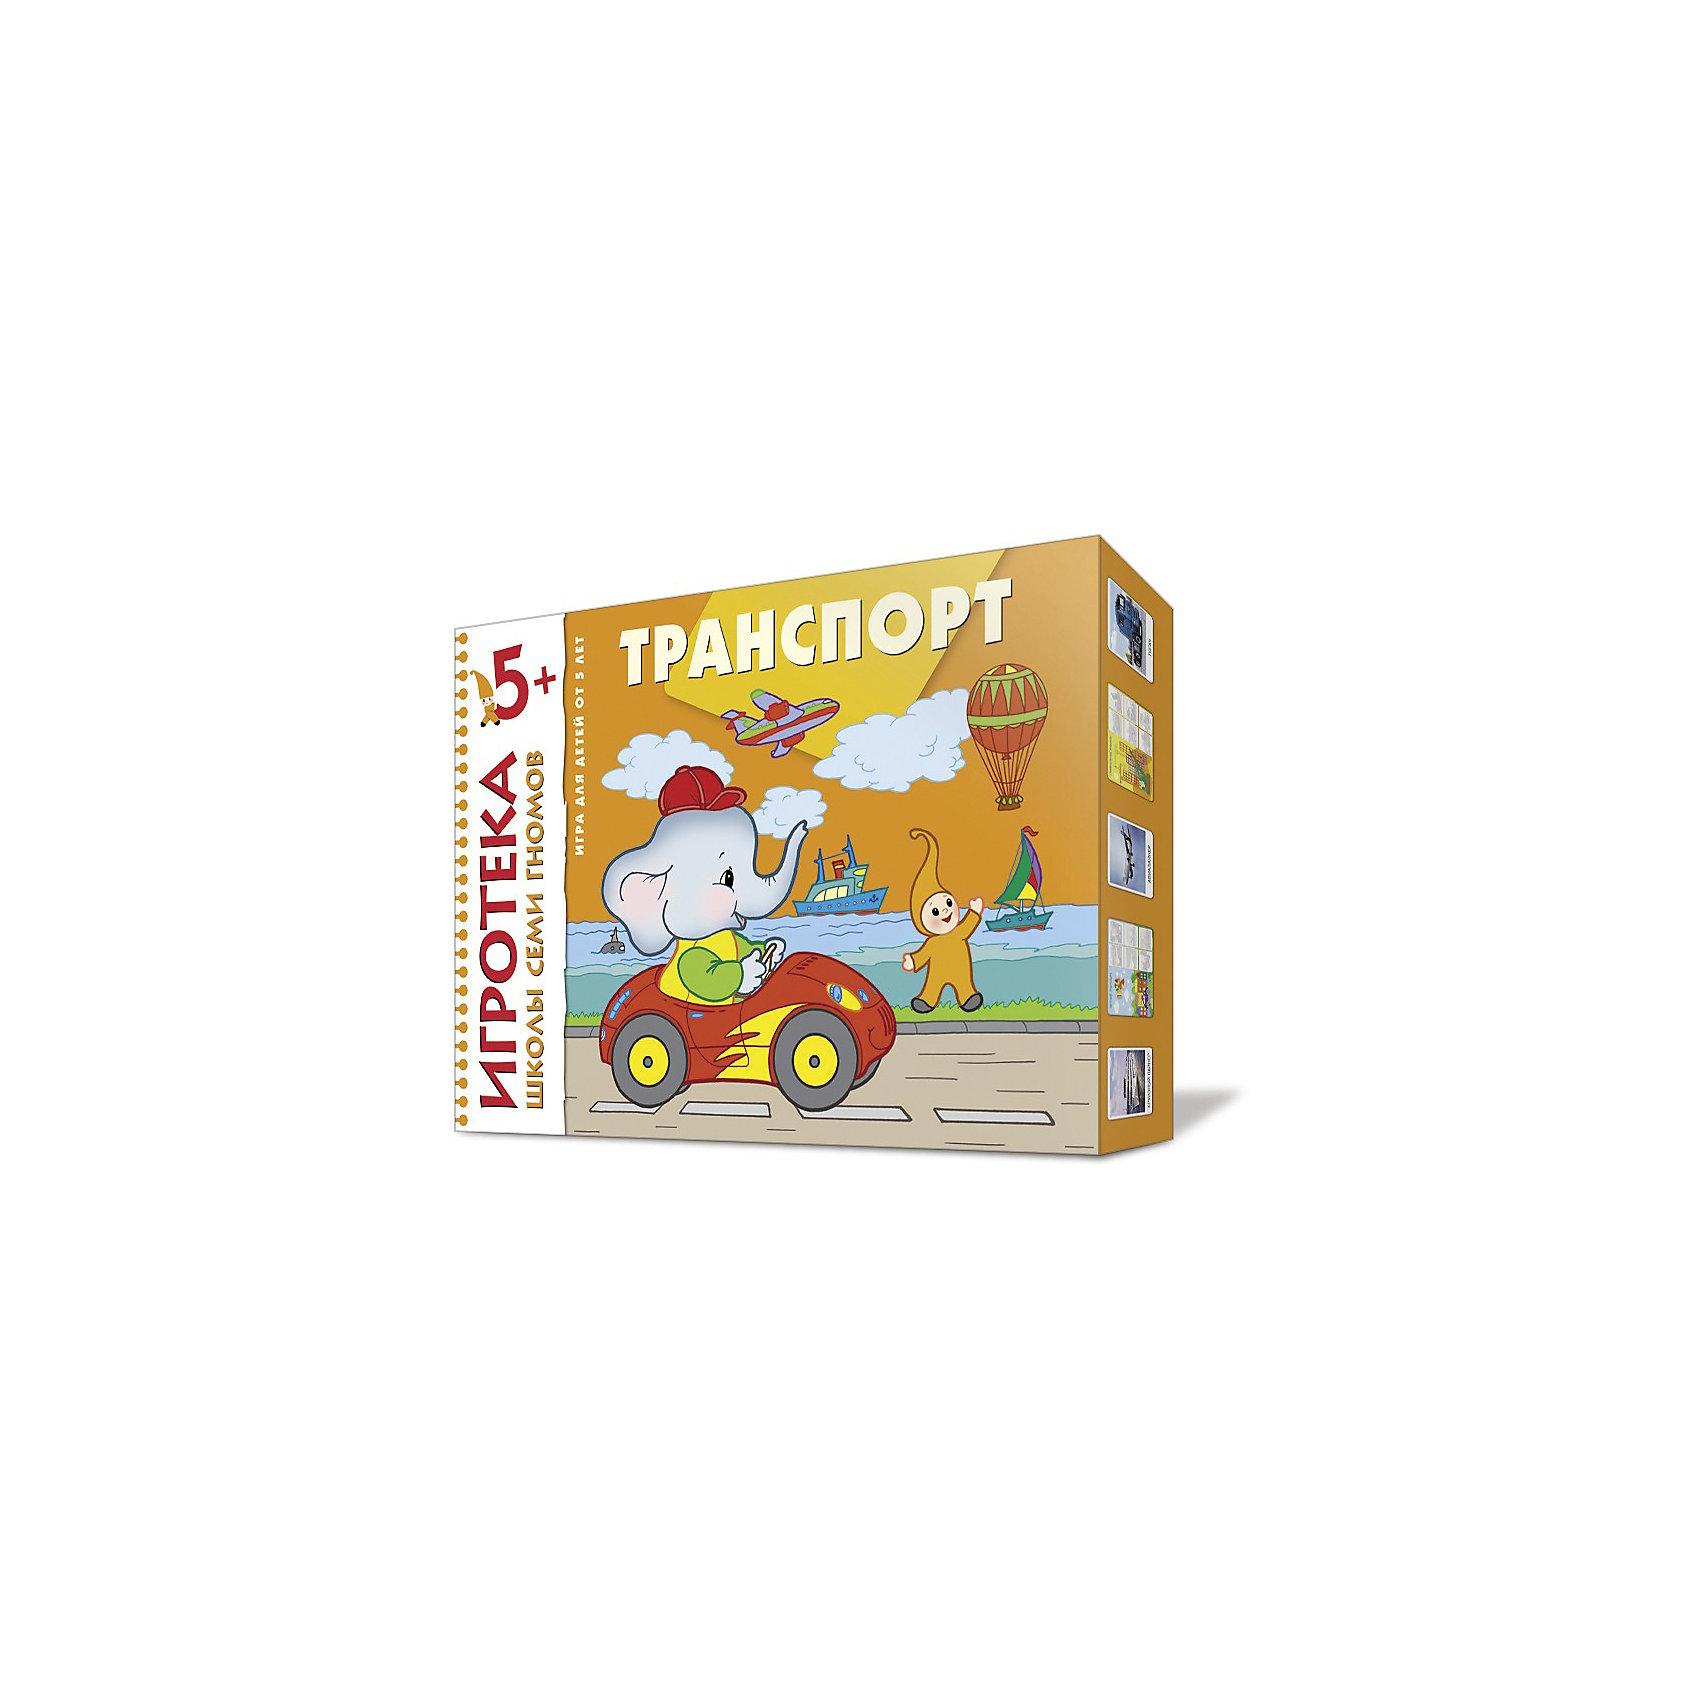 Развивающий набор Транспорт 5+Игра «Транспорт» формирует у детей представления об окружающем мире, а именно - о различных видах транспорта.<br>В игровой форме ваш малыш узнает не только названия различных транспортных средств, но и научится различать транспорт по назначению: грузовой, военный, воздушный,  водный, общественный, личный, строительные машины и машины-спасатели.<br>Игра включает в себя 8 сценариев игр, также вы можете придумать и свои, новые варианты, а можете дать возможность  малышу придумать свою увлекательную игру.<br><br>Дополнительная информация:<br><br>- Комплектация: 8 больших карт-лото, 48 маленьких карточек с фотоизображениями различных видов транспорта, инструкция к игре.<br>- Карточки из плотного картона.<br>- Размер: 290x210 мм<br>- Автор: Дарья Денисова<br>- Иллюстрации: цветные.<br><br> Игру  Транспорт, Школа Семи Гномов, 5+ Игротека можно купить в нашем магазине.<br><br>Ширина мм: 220<br>Глубина мм: 300<br>Высота мм: 35<br>Вес г: 100<br>Возраст от месяцев: 60<br>Возраст до месяцев: 72<br>Пол: Унисекс<br>Возраст: Детский<br>SKU: 3877615